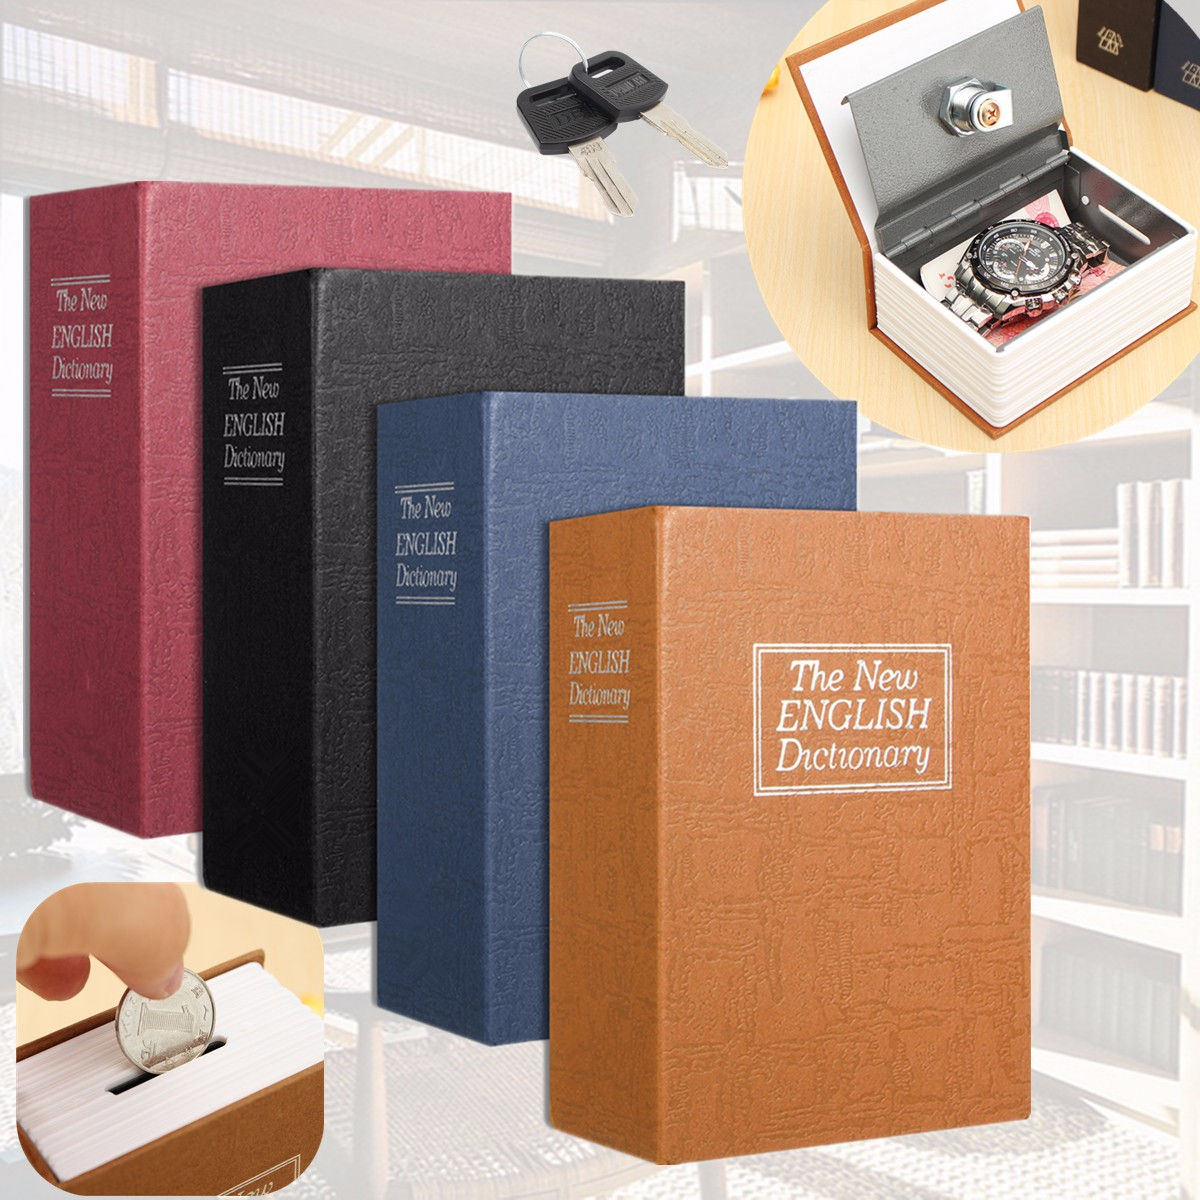 Diccionario Mini caja fuerte libro ocultar secreto de seguridad bloqueo dinero moneda almacenamiento joyería armario clave Kid regalo